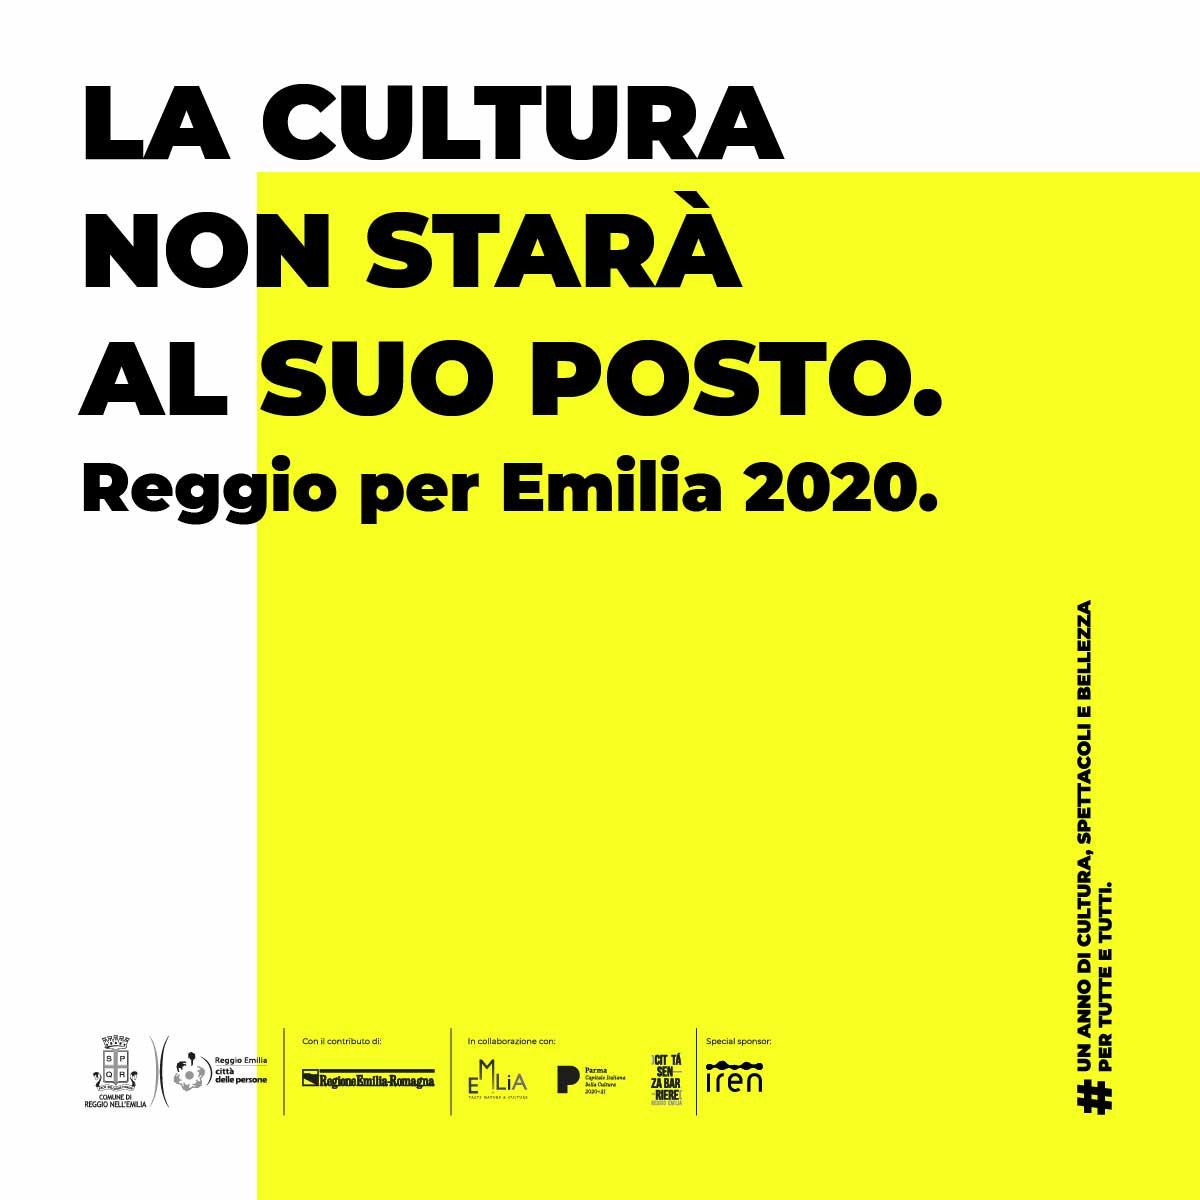 Reggio per EMILIA 2020 Happy Minds brand-identity-2-orz